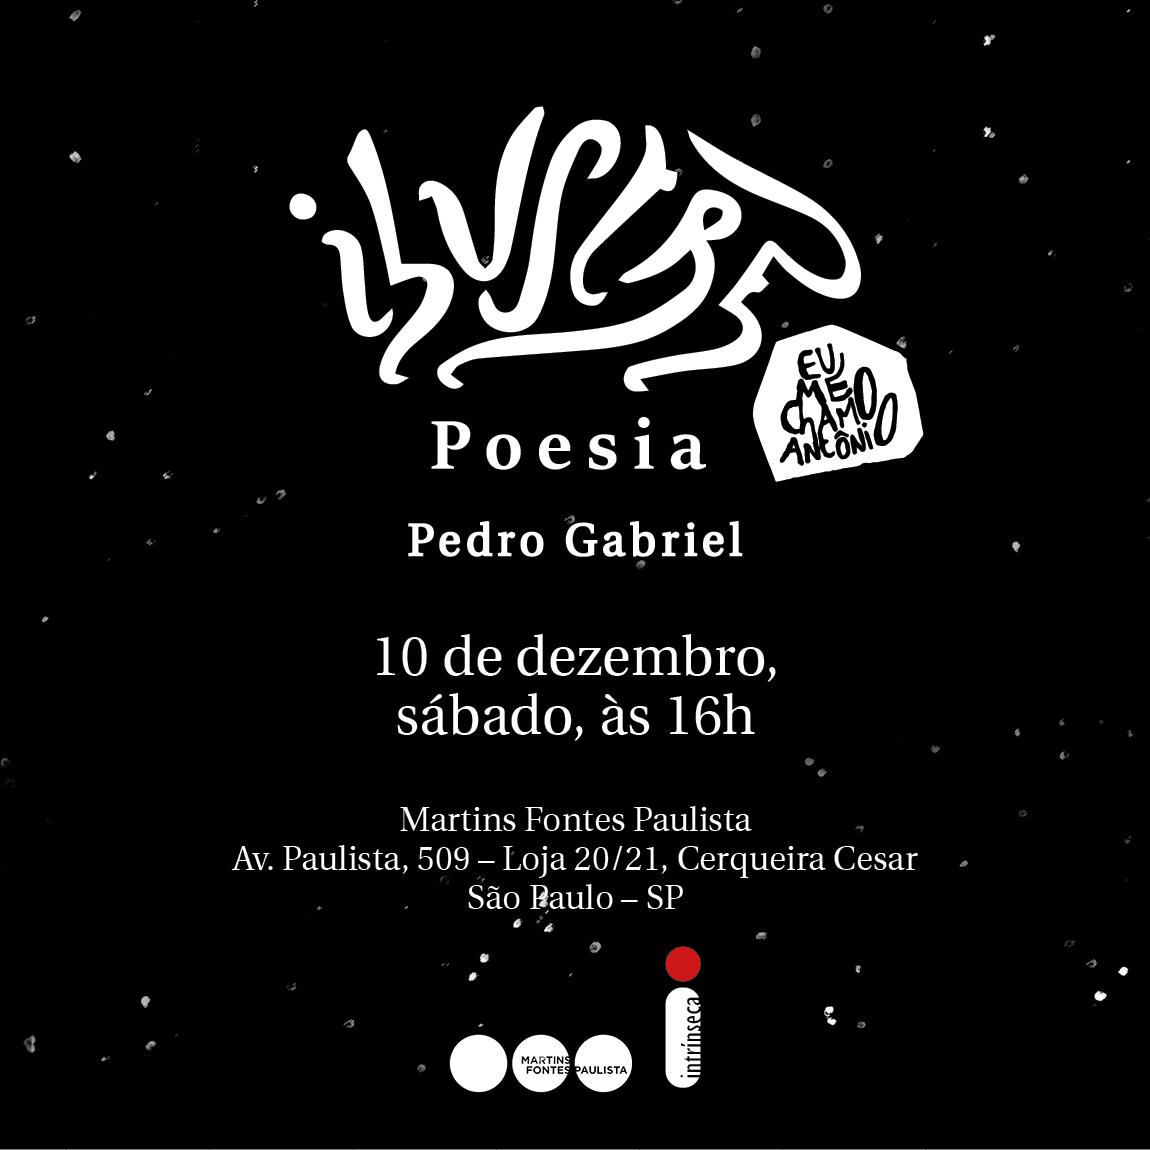 convite_ilustrepoesia_sp2